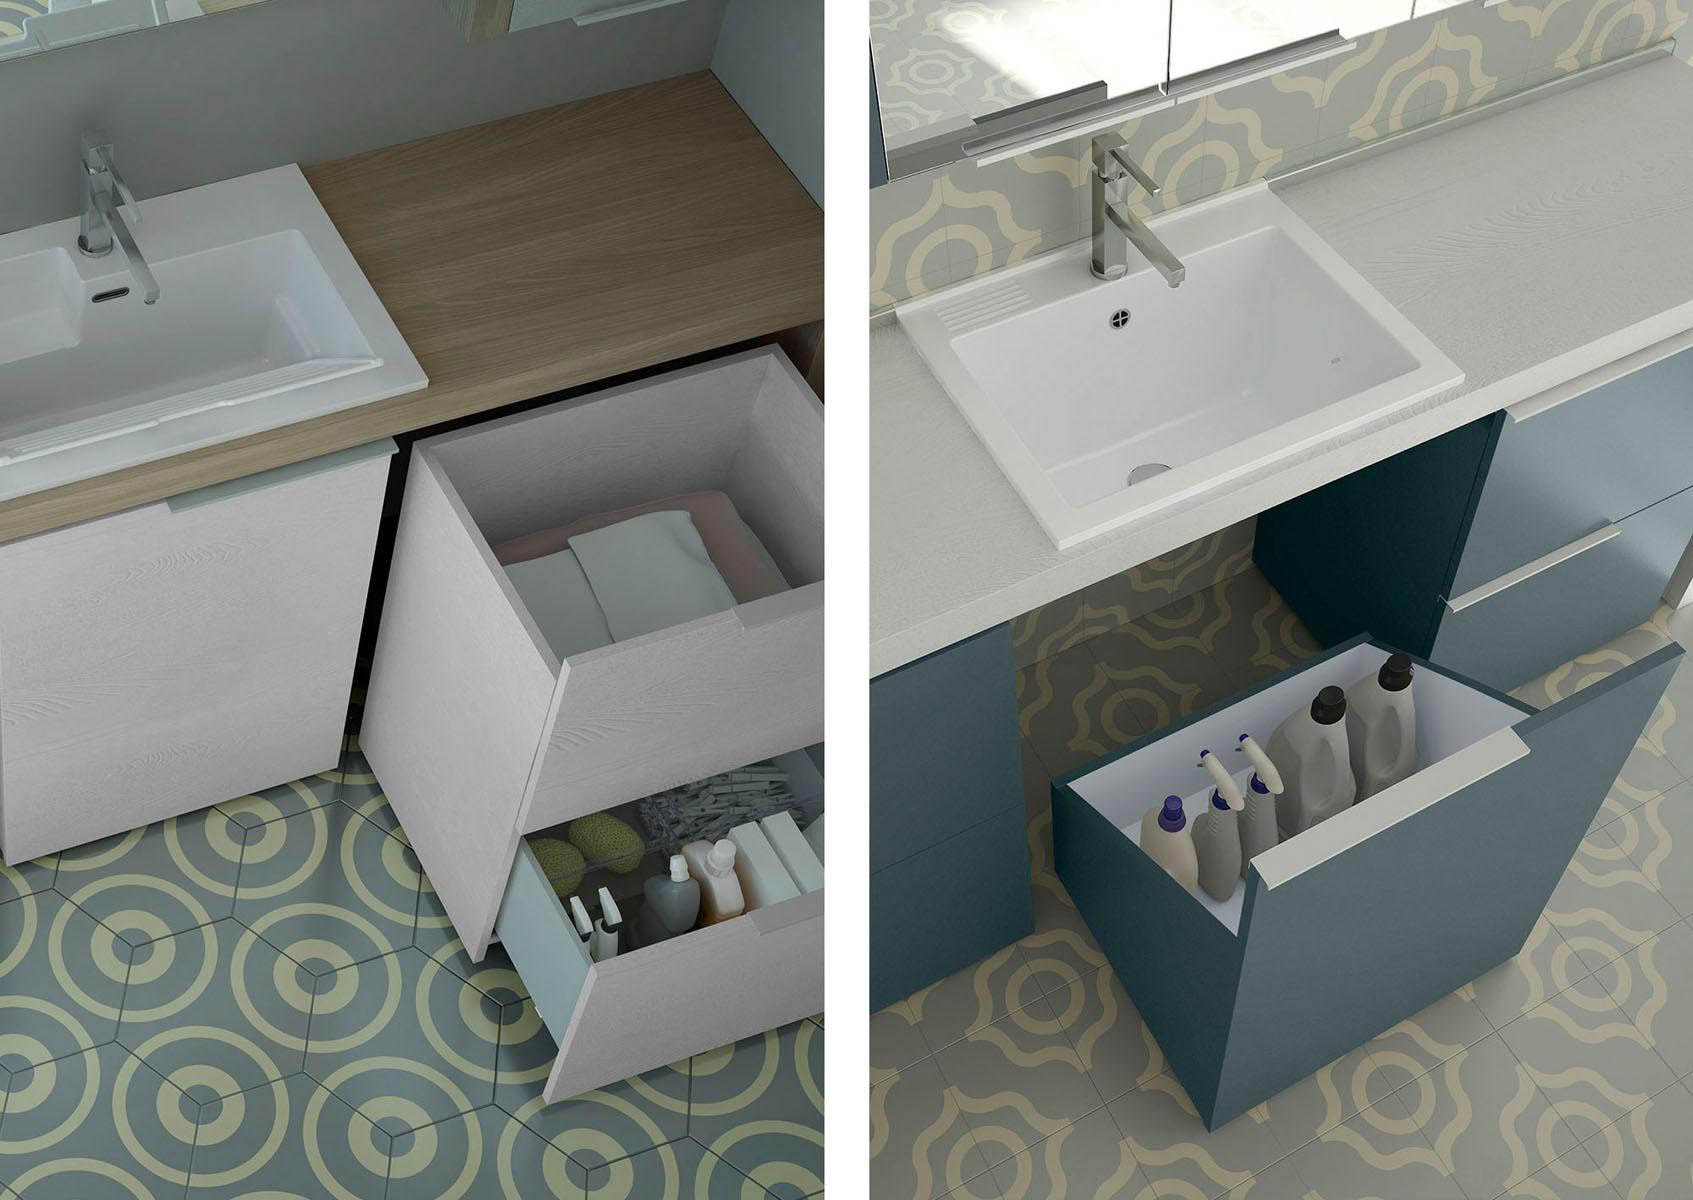 Lavatoio Per Bagno Lavanderia gli accessori irrinunciabili per un bagno lavanderia